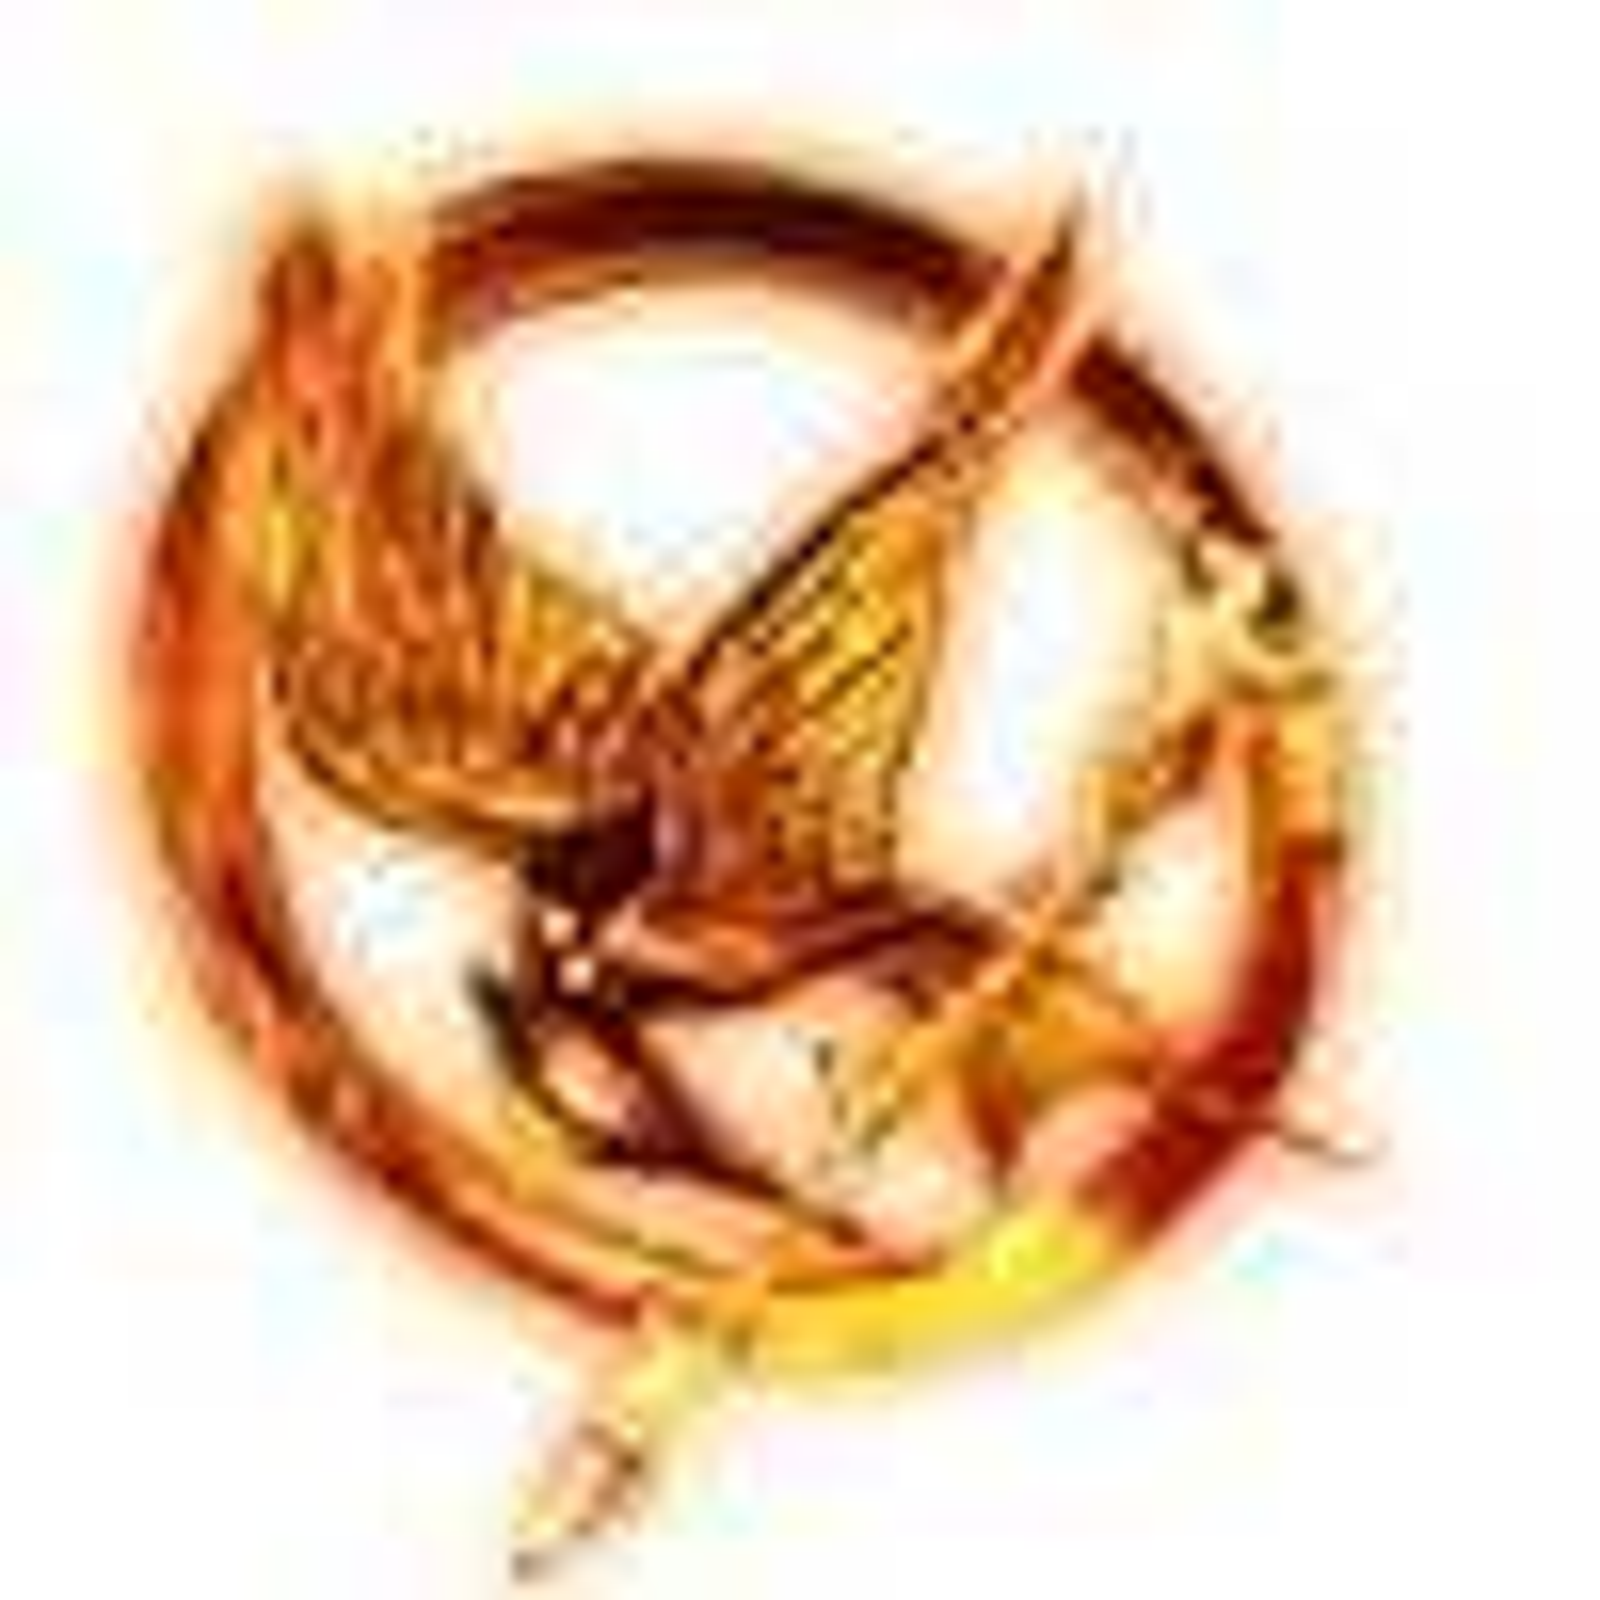 Salvapantallas de Los Juegos del hambre: En Llamas 2013